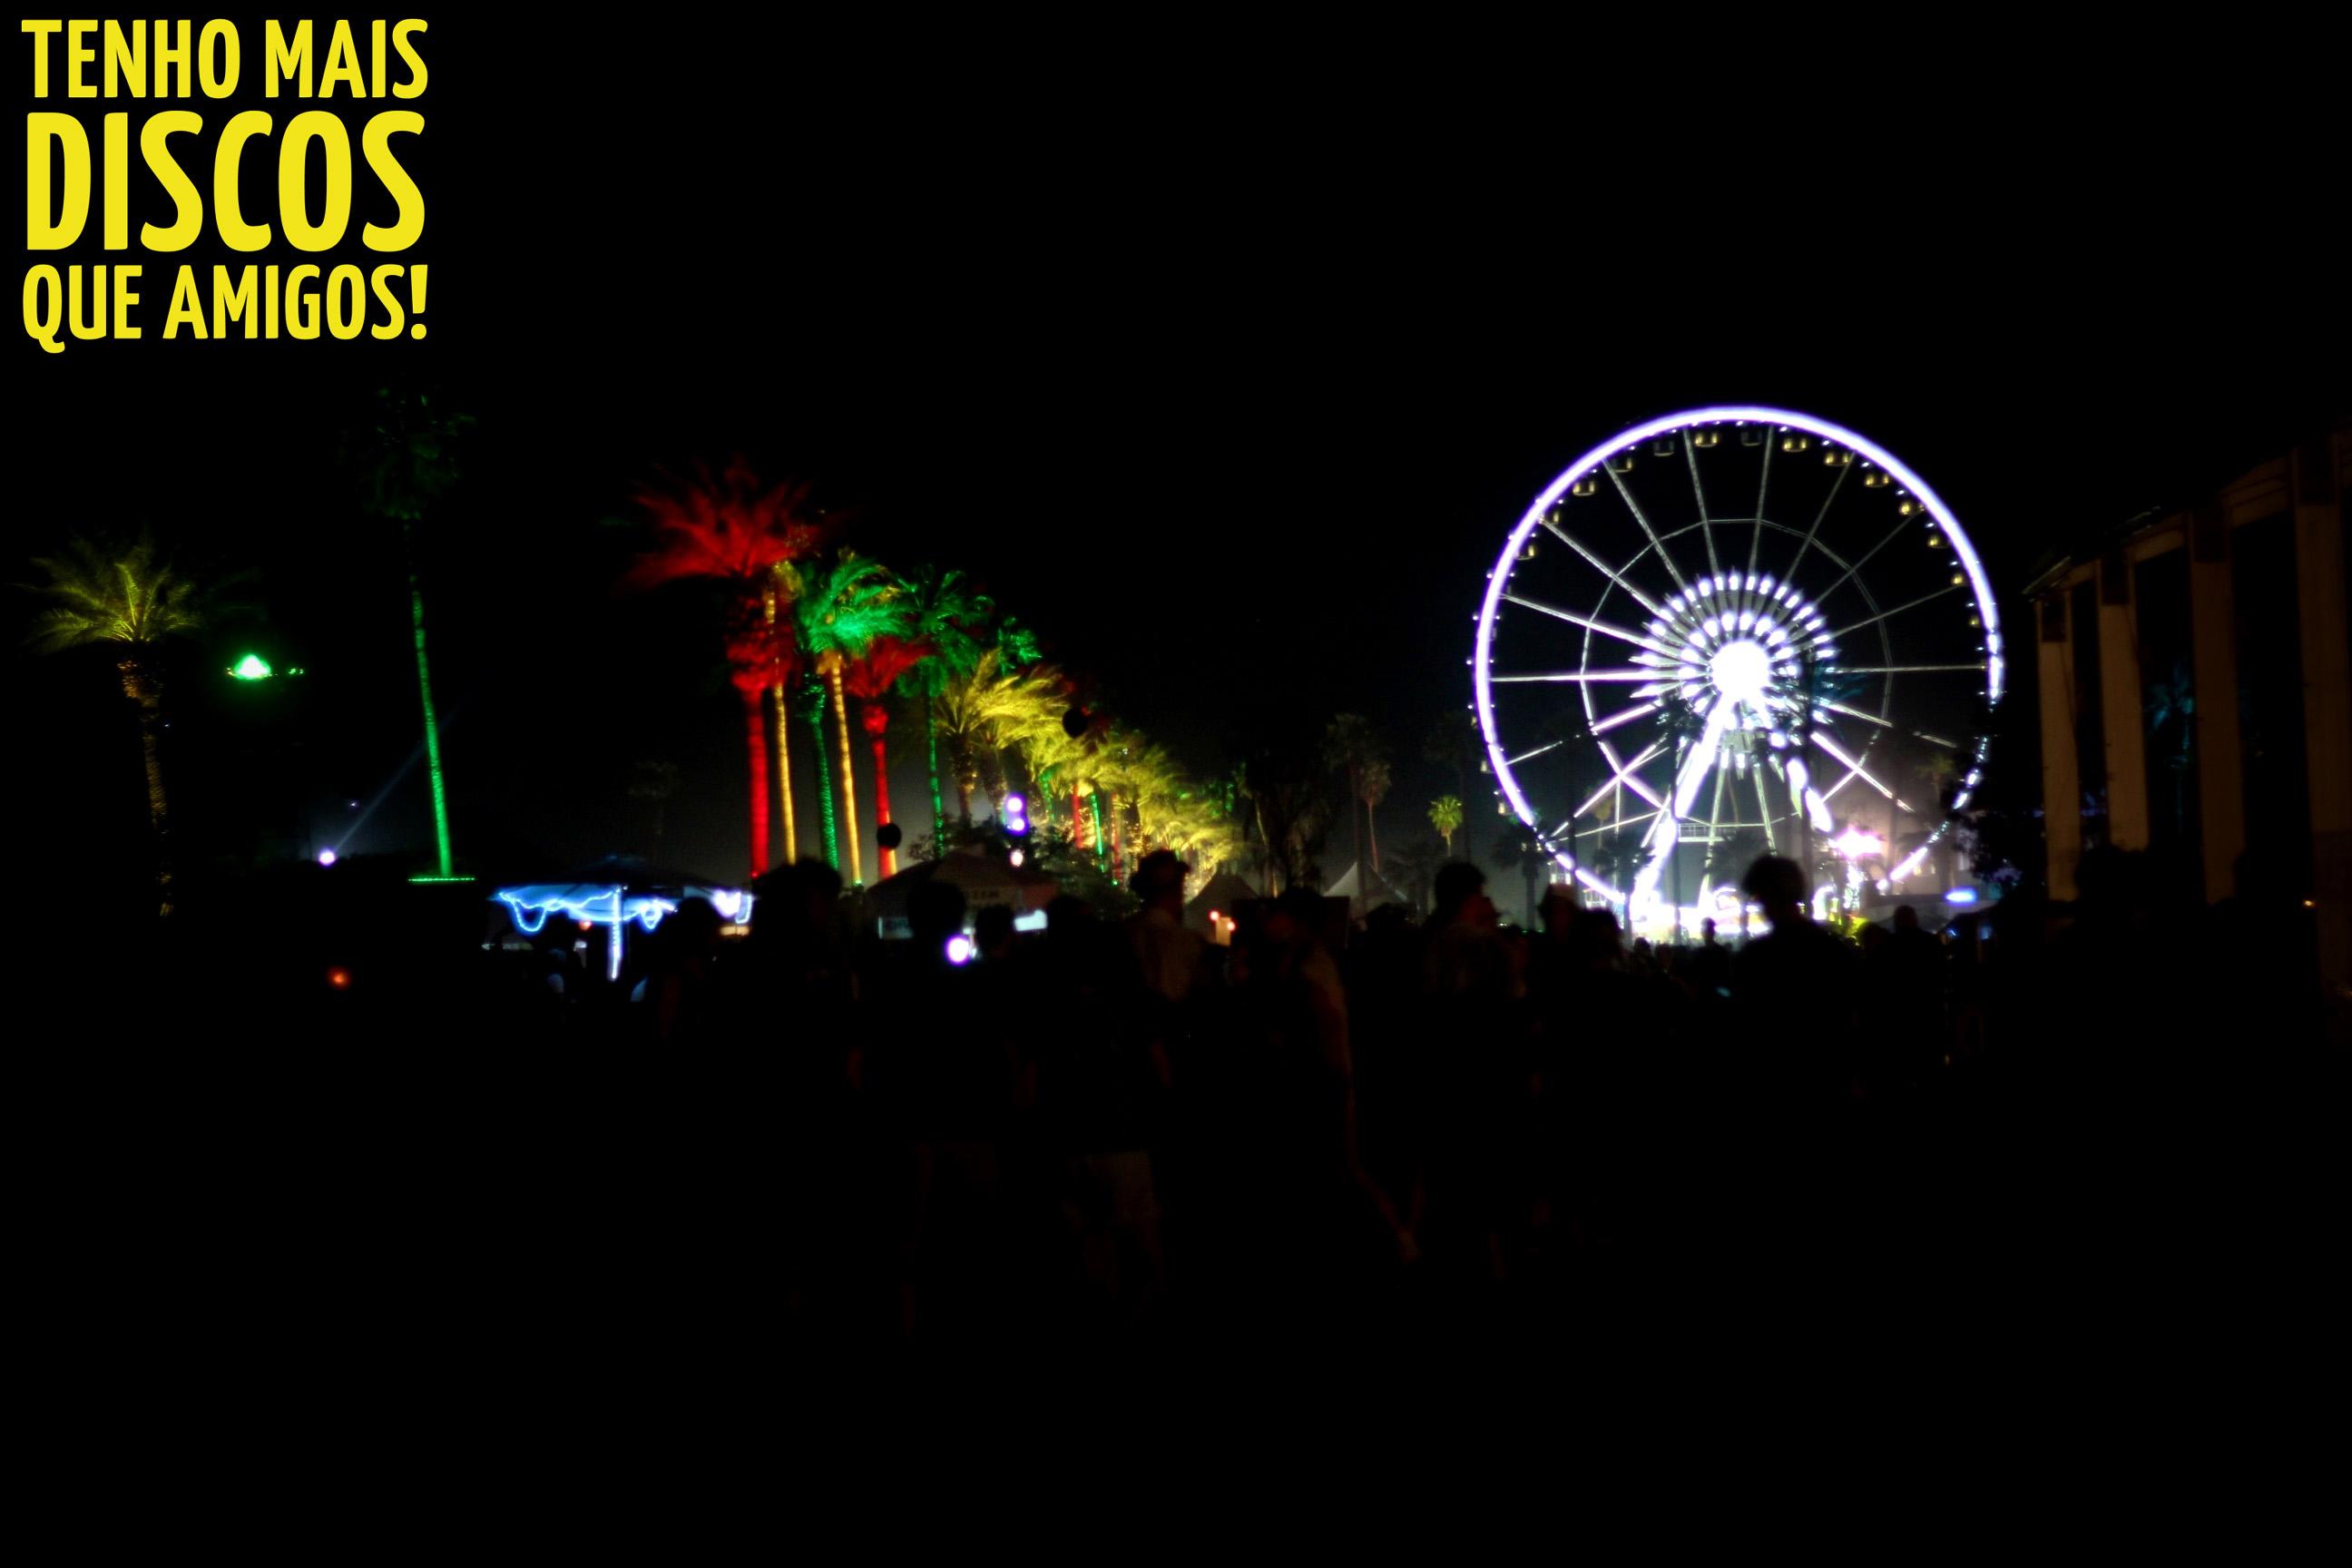 Resenha e fotos exclusivas do primeiro dia do Coachella (19/04/13) – Parte 2